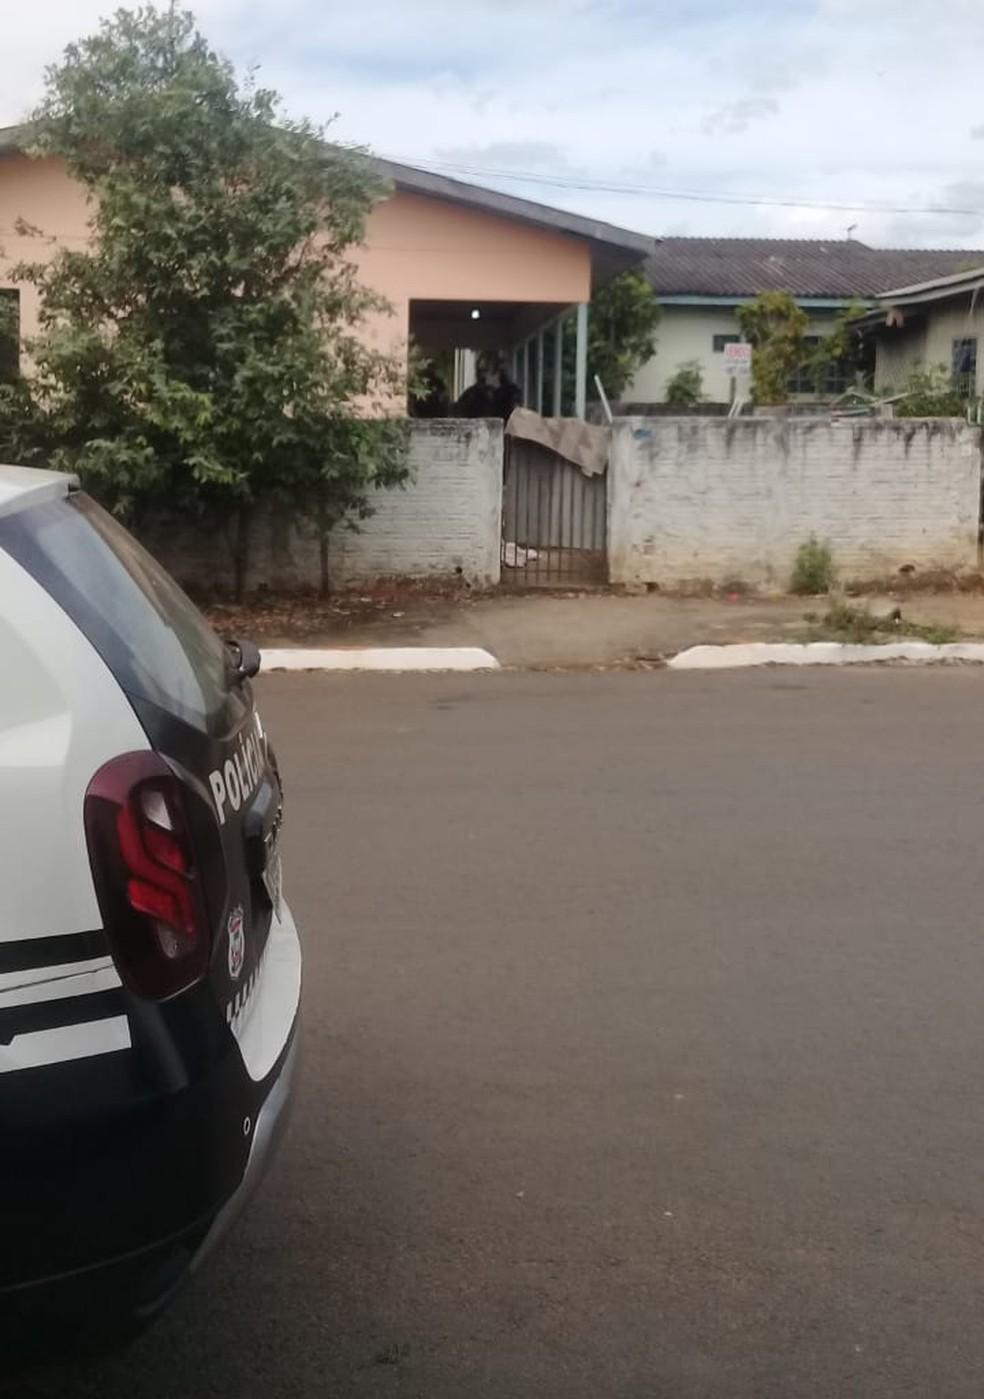 Corpo foi encontrado em quintal de casa em Sorriso (MT) — Foto: Divulgação